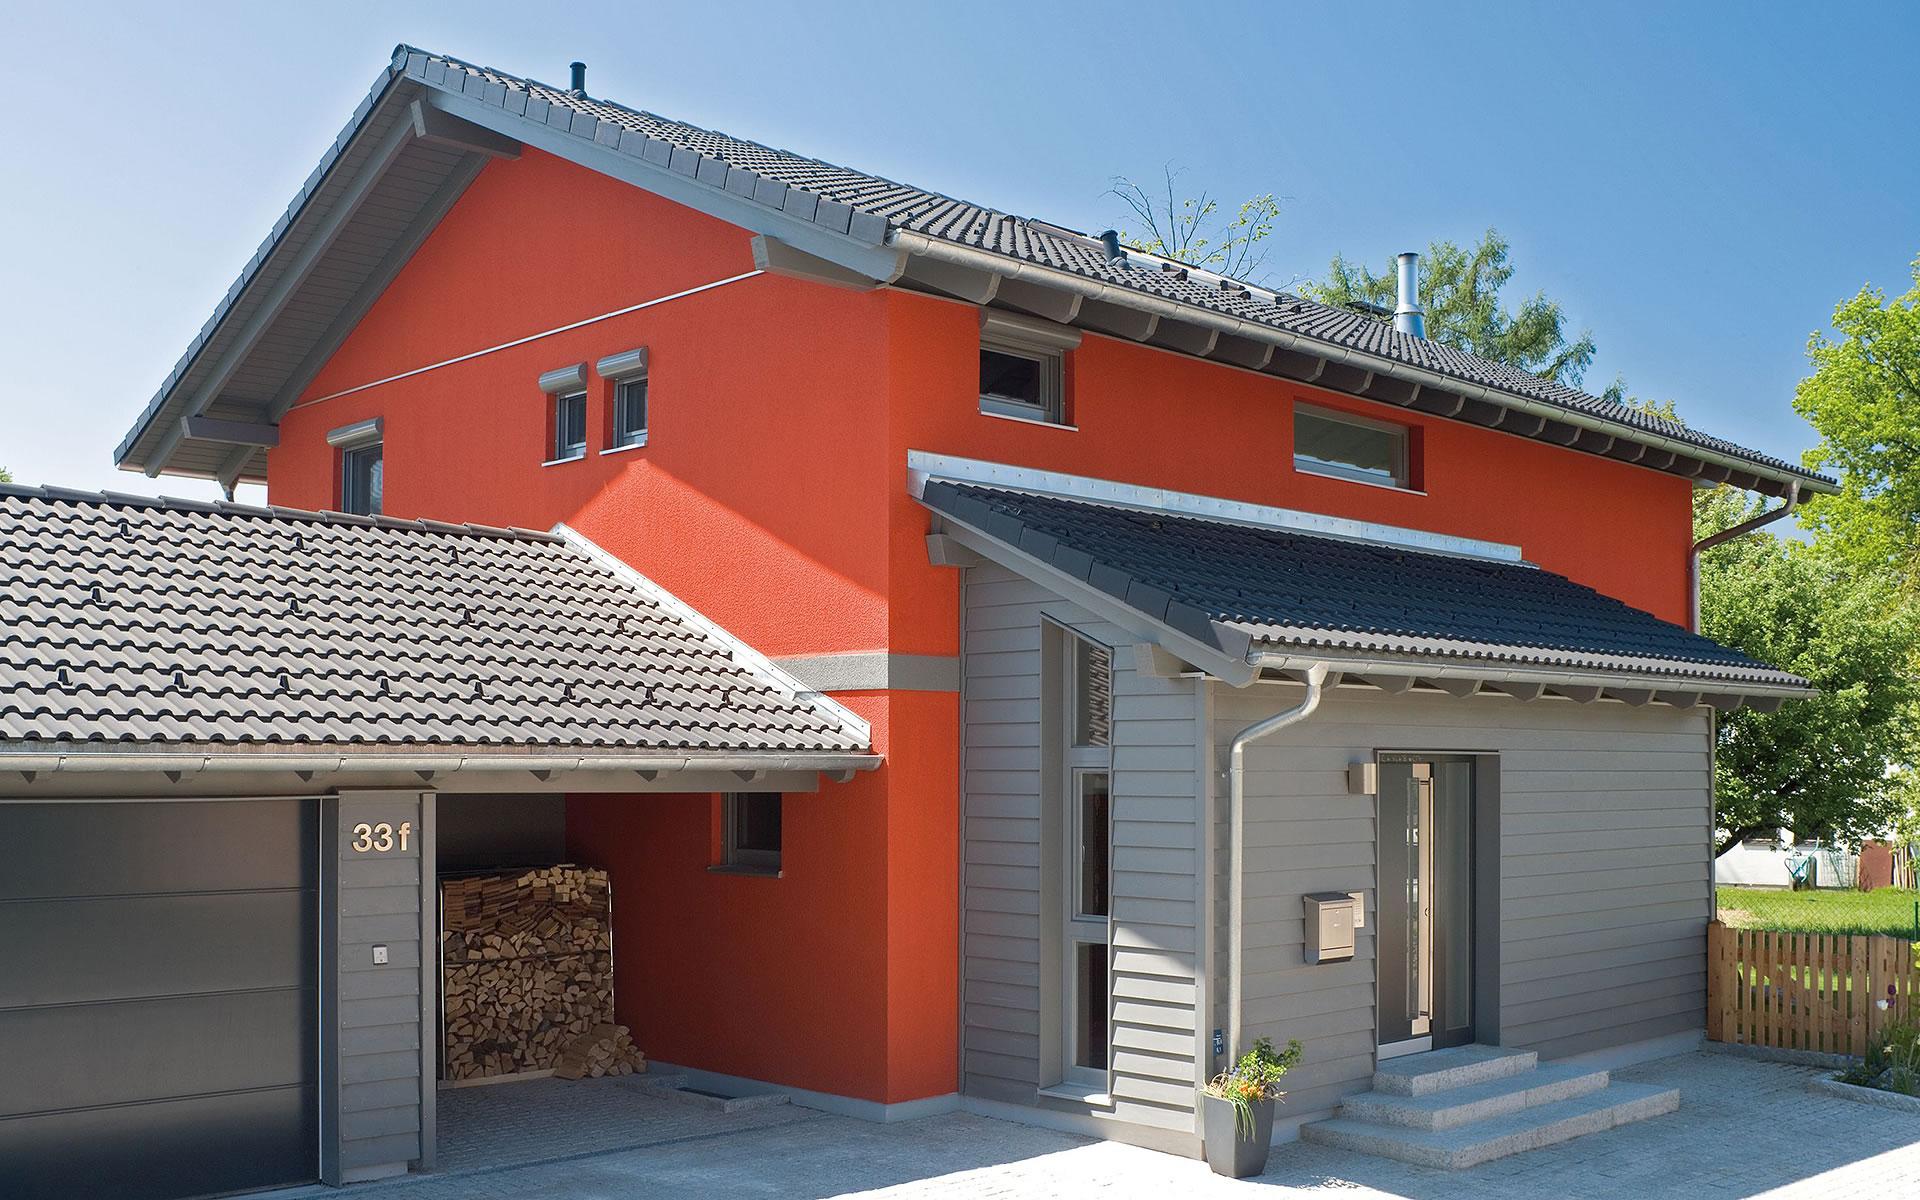 Ghersburg von Regnauer Hausbau GmbH & Co. KG